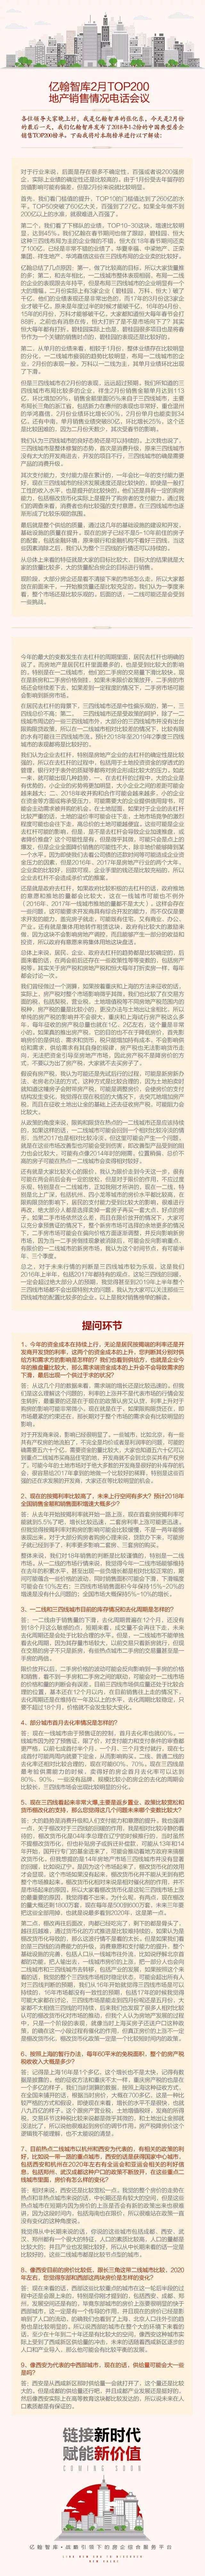 中国房地产战略服务领域领导者,专注于为房企提供发展战略、运营策略顾问服务,已成为65%以上百强房企的顾问伙伴。